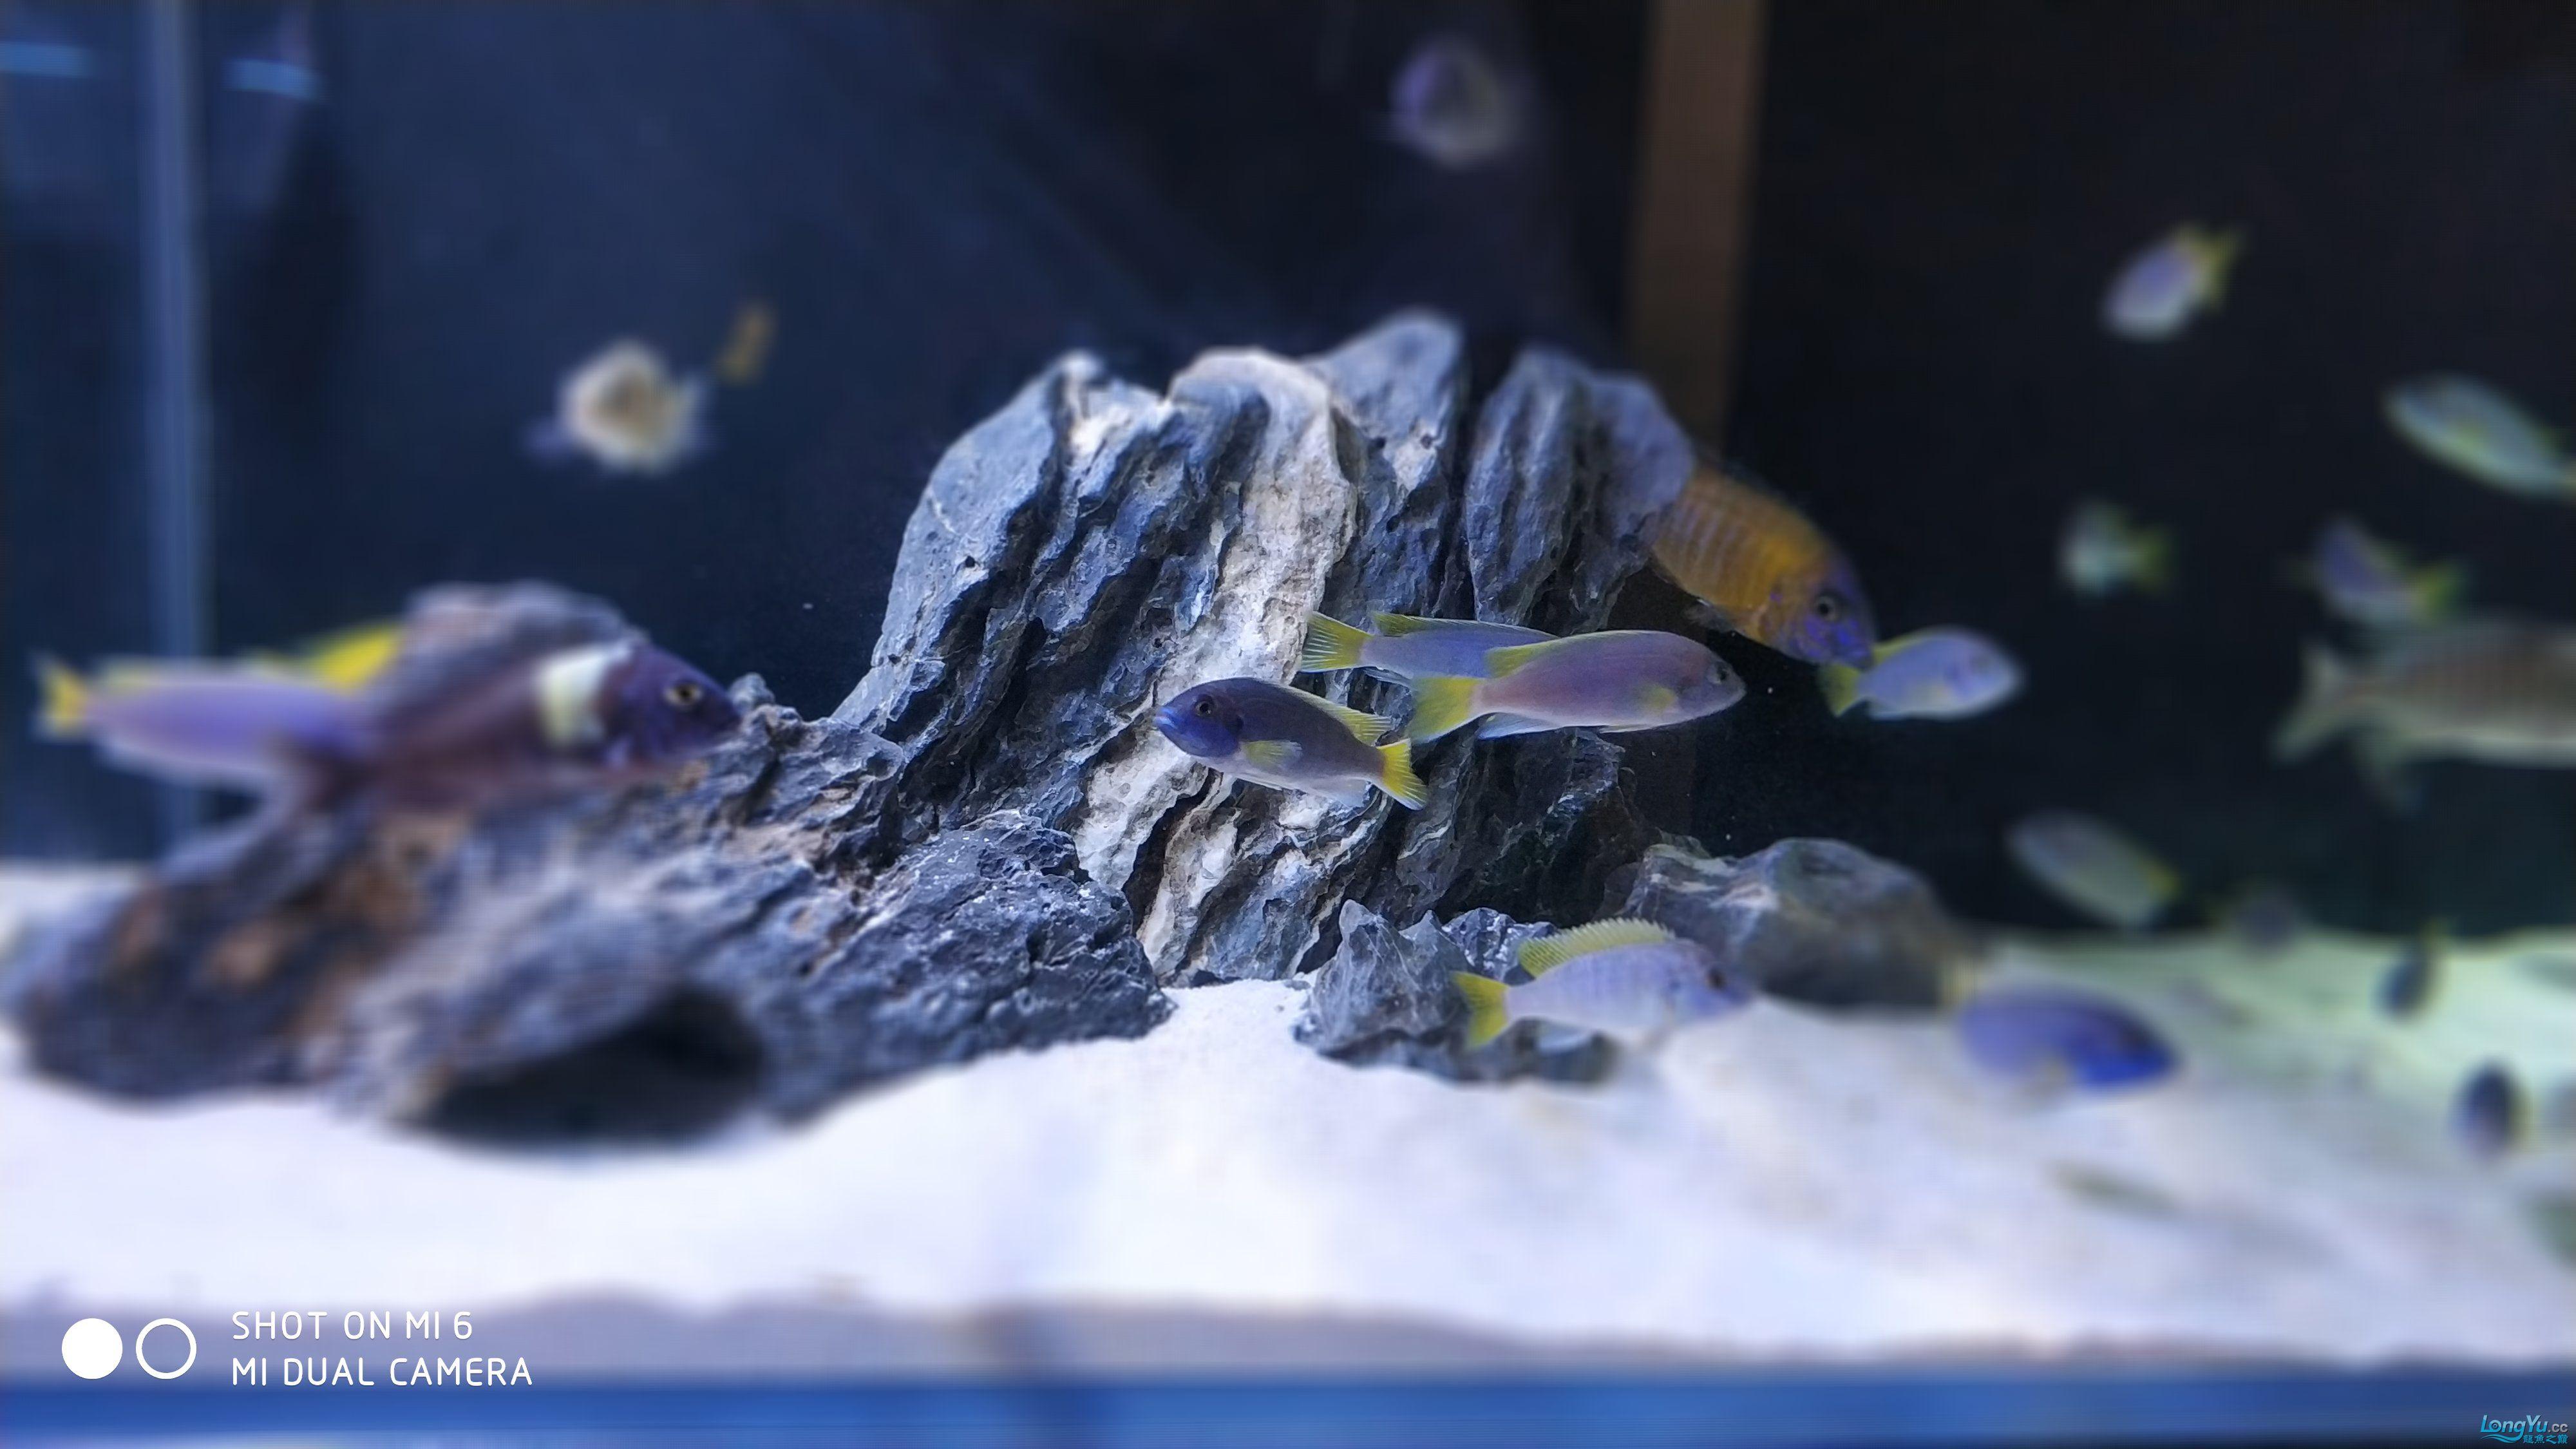 【西安海水鱼批发】到底是看石头还是看鱼呢 西安龙鱼论坛 西安博特第5张